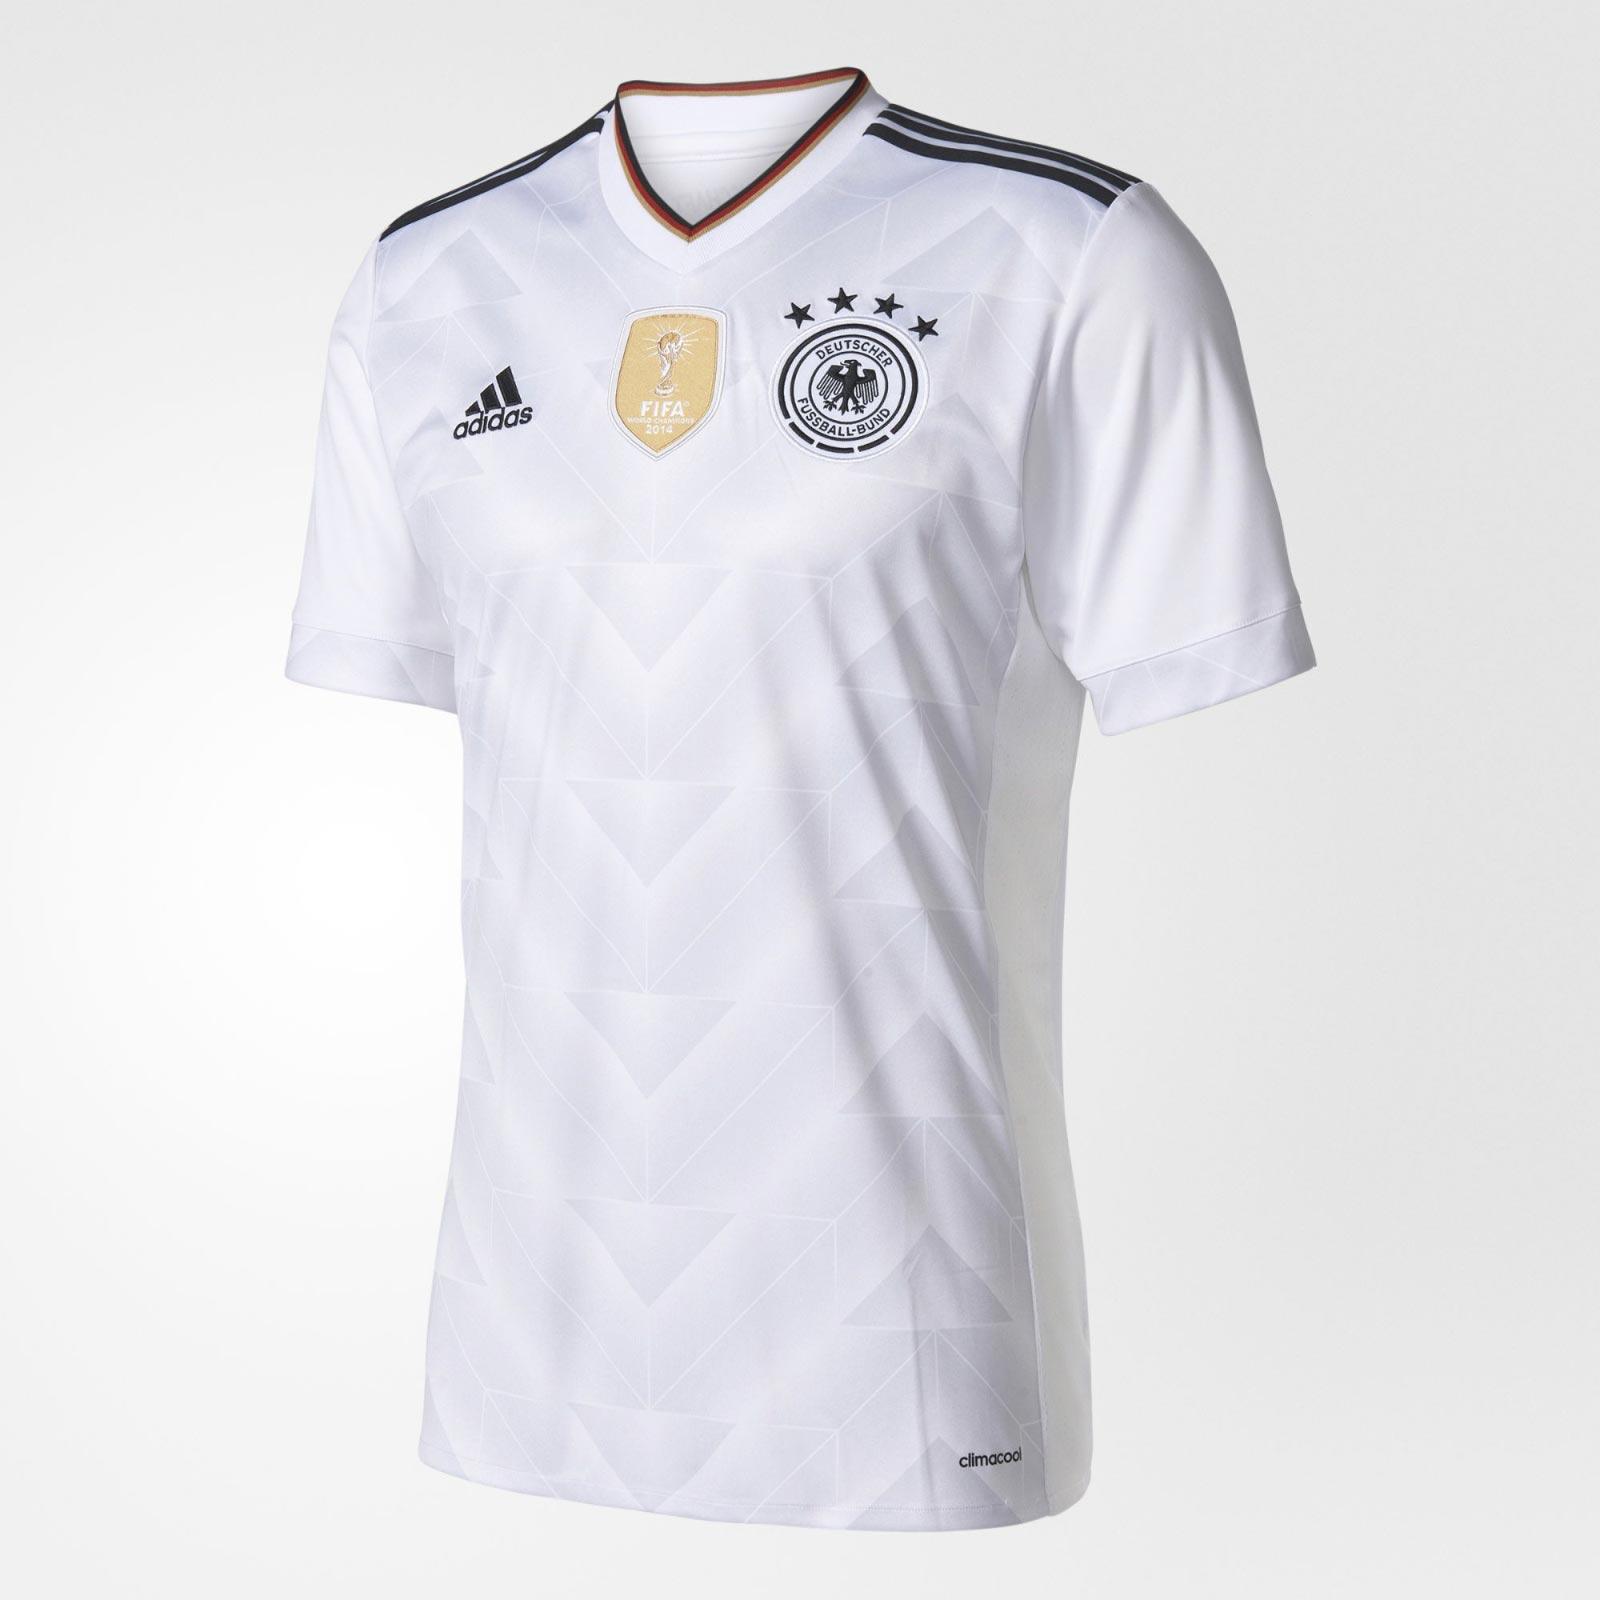 História da Camisa da Alemanha - Imortais do Futebol bdba6649956a9